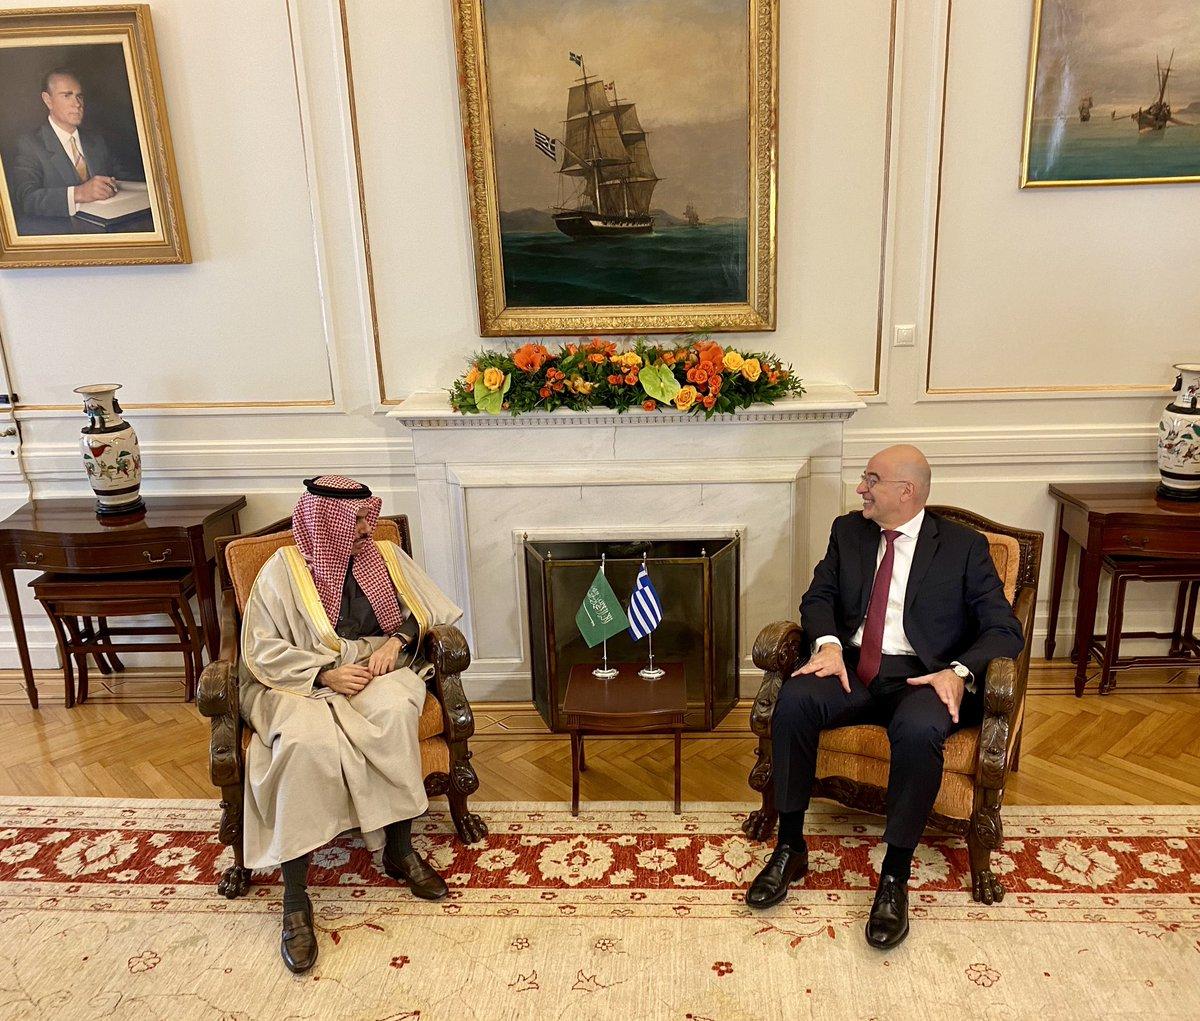 Δένδιας: Ιδιαίτερη δυναμική έχουν αποκτήσεις οι σχέσεις Ελλάδας-Σαουδικής Αραβίας